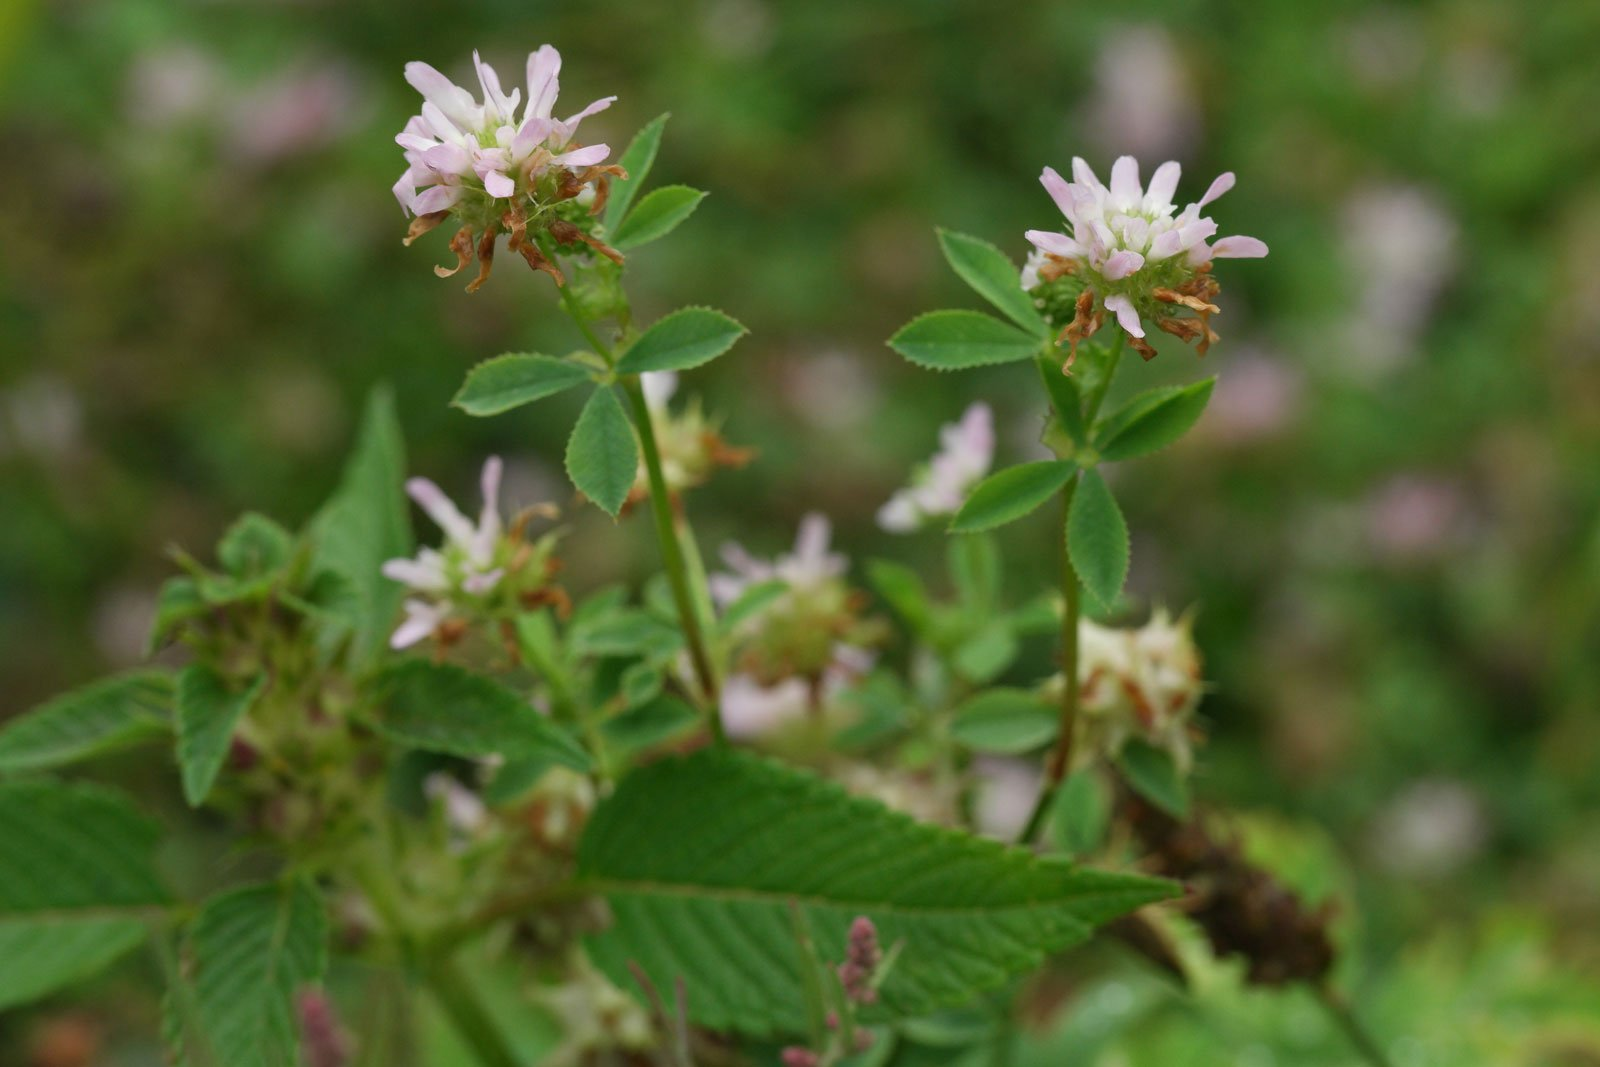 Trifolium resupinatum